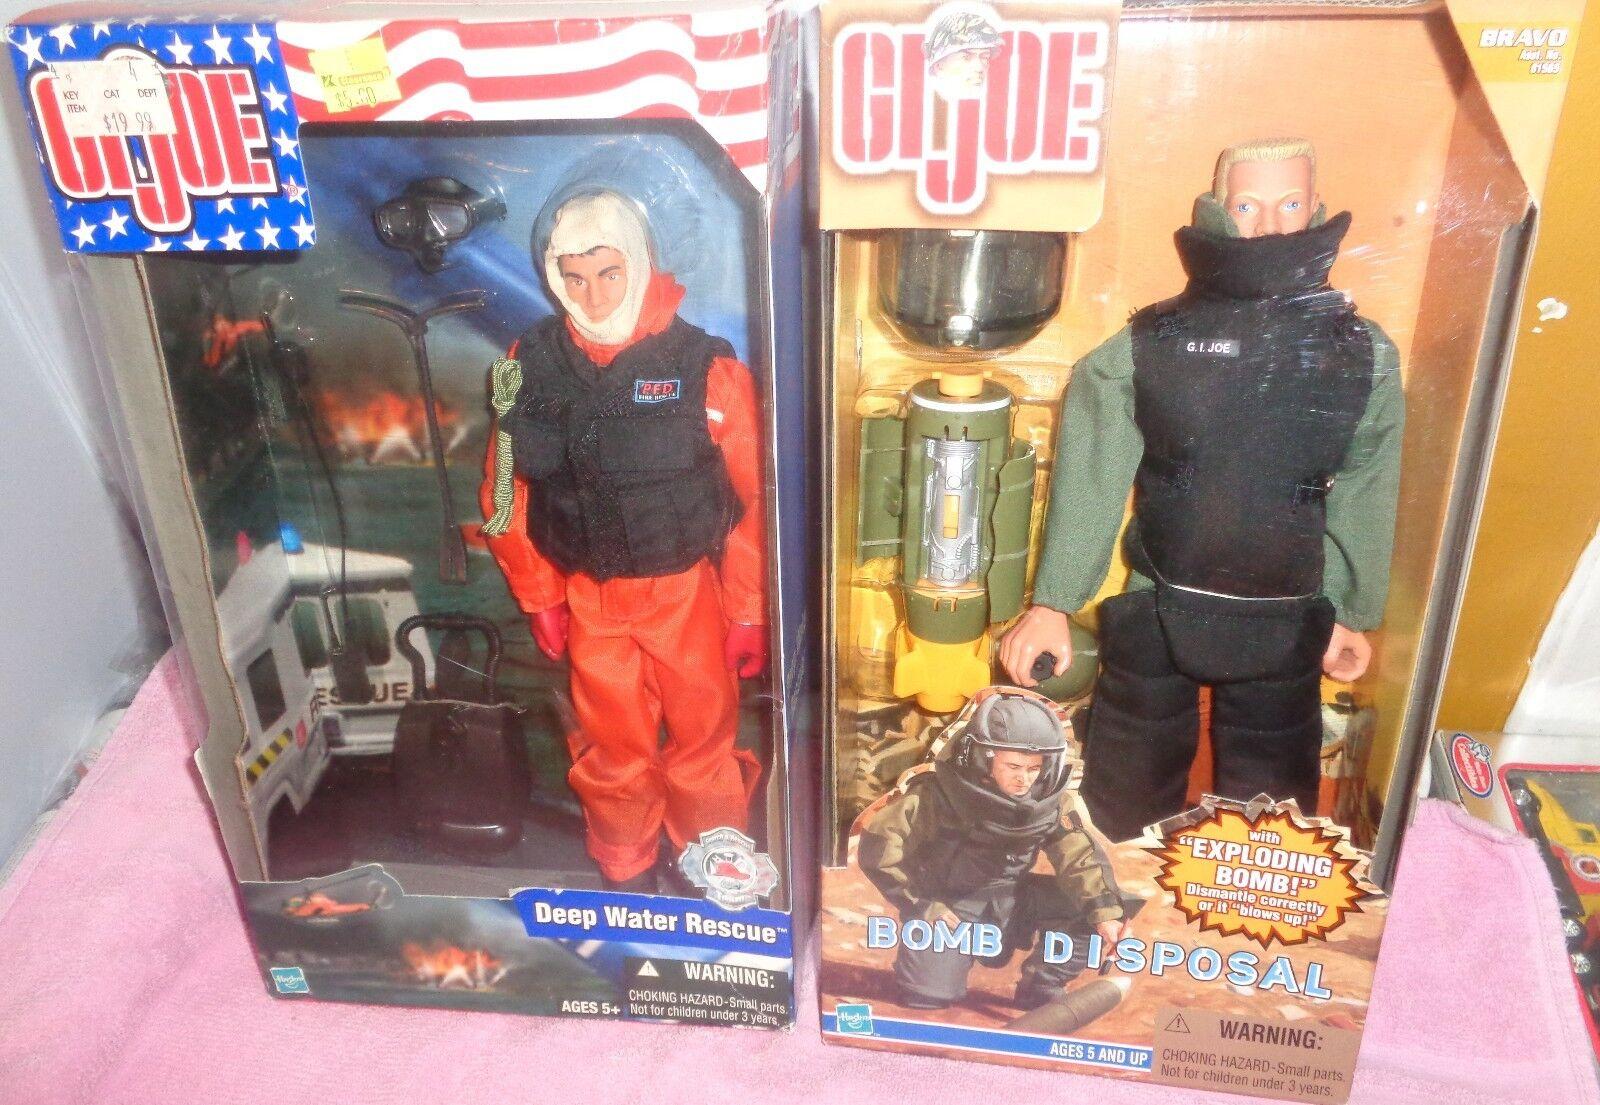 Gi Joe 2002 rescate de agua profunda y 1999 figura de acción de eliminación de bombas  nunca quitado de la caja